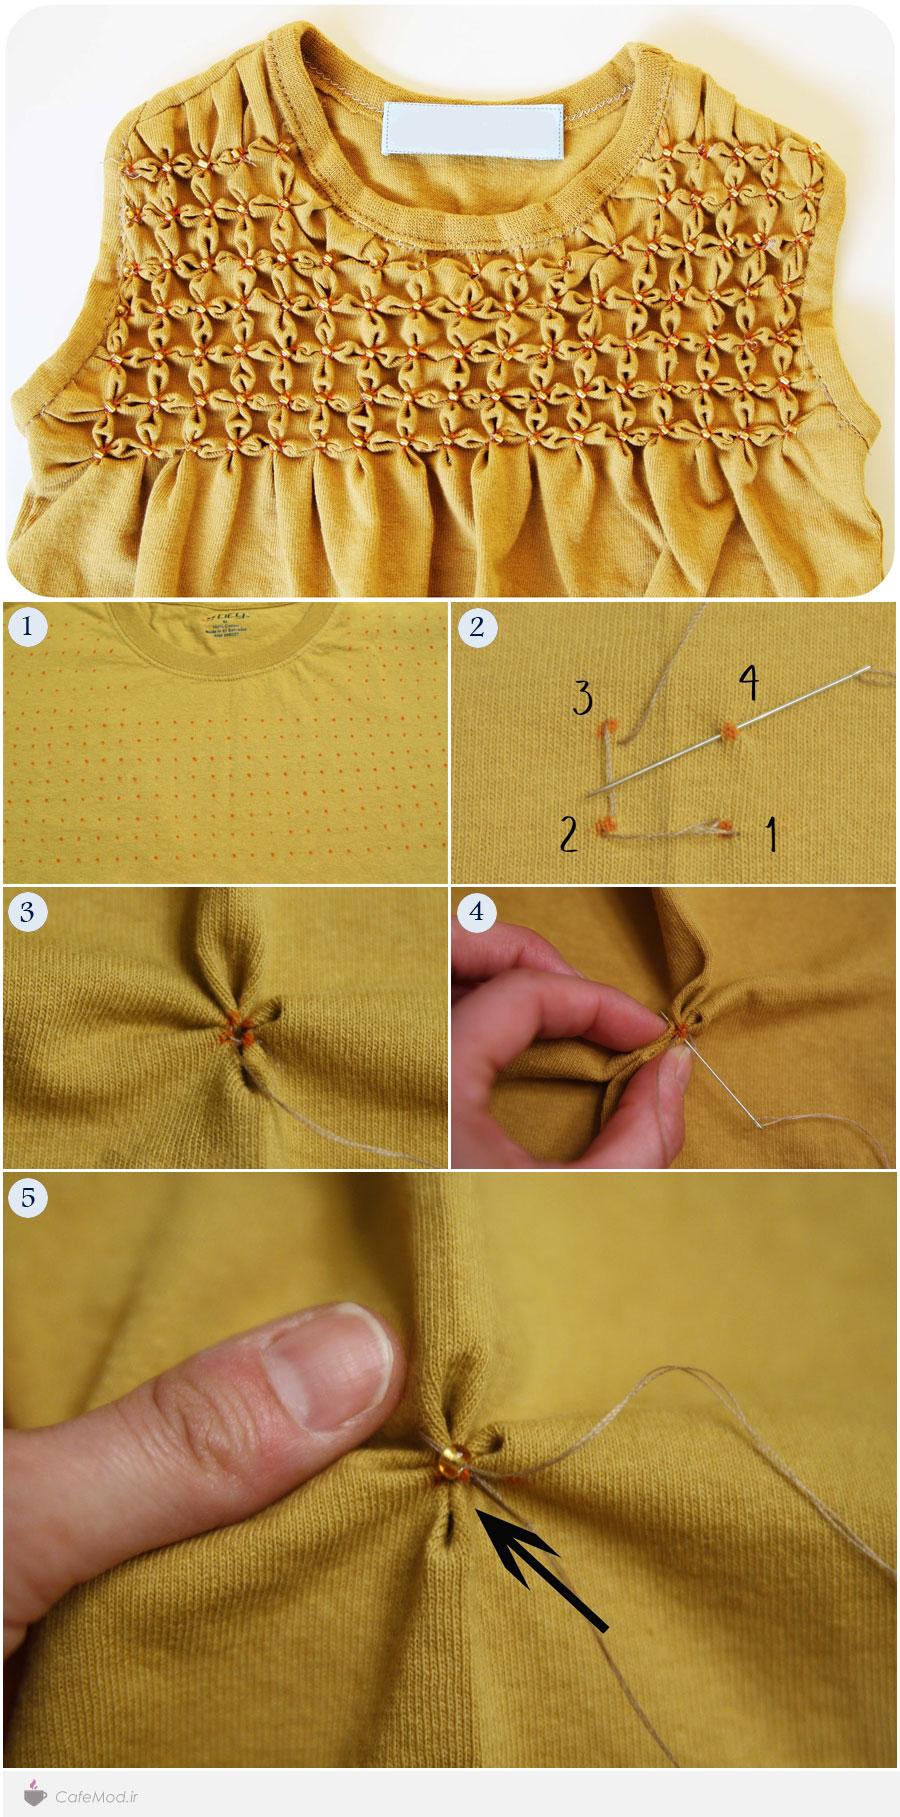 آموزش گریت لباس